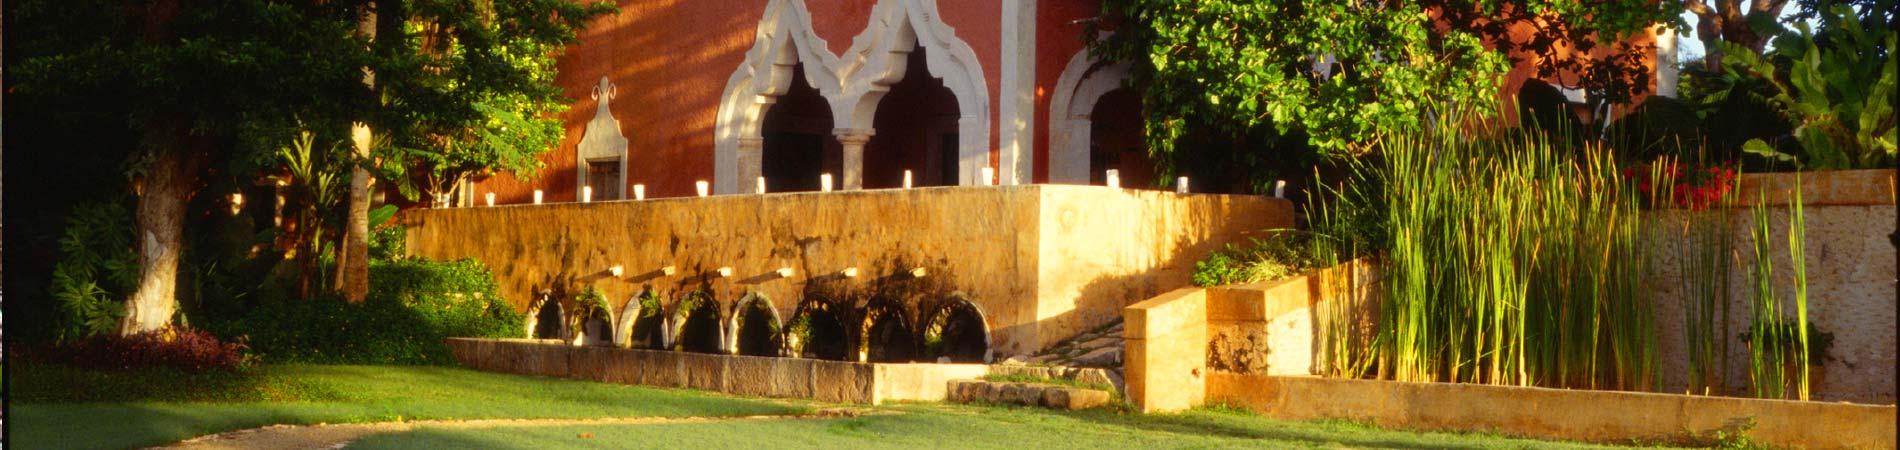 Hacienda Petac Merida Journey Mexico